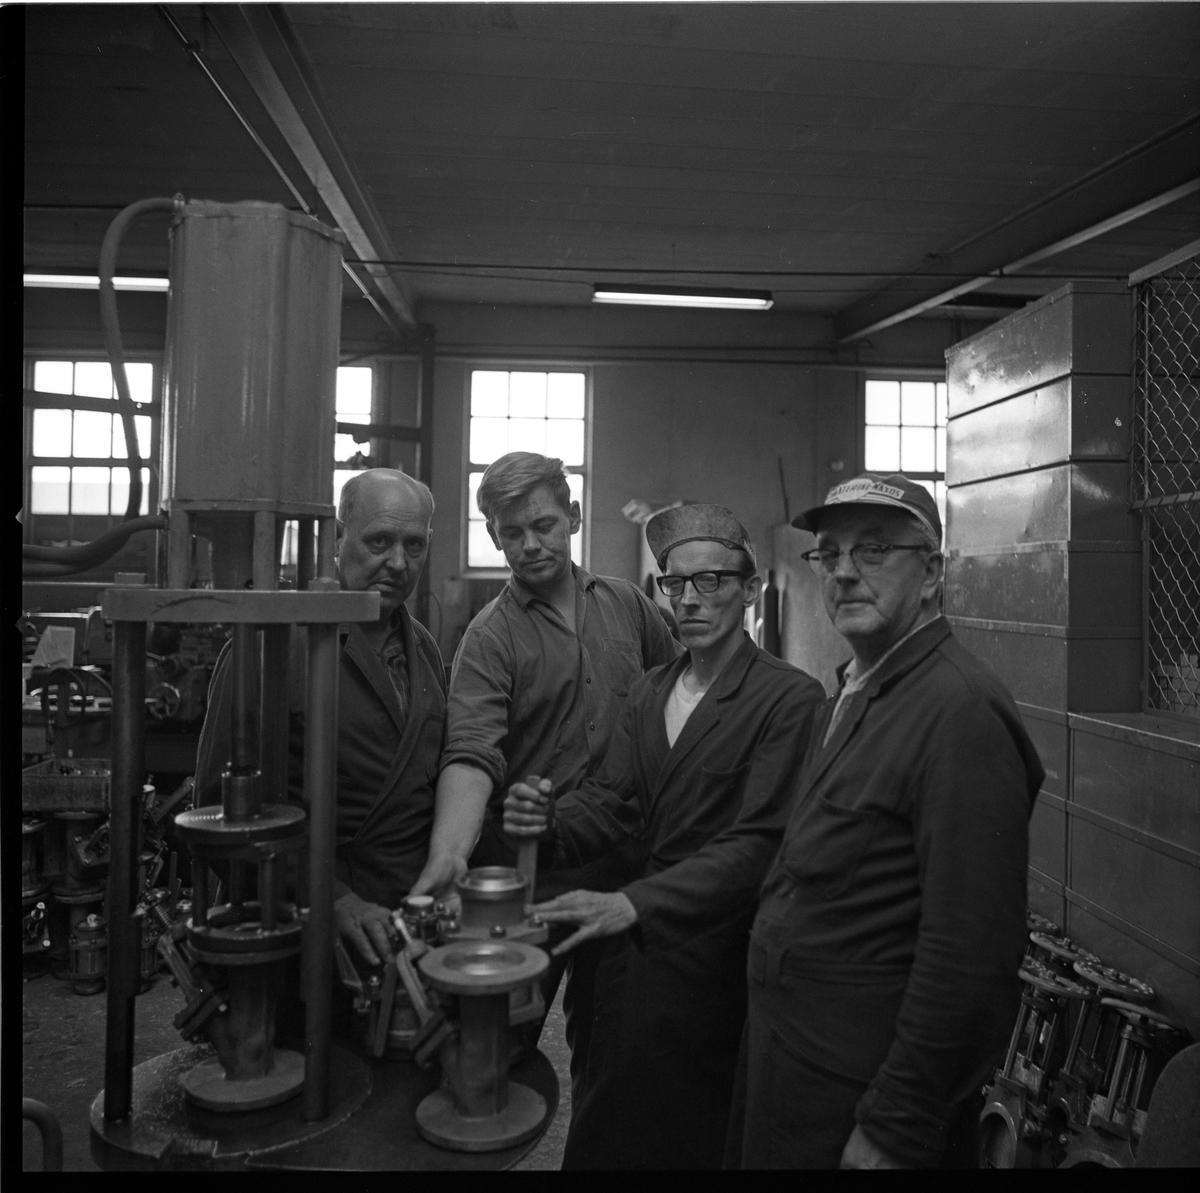 Fyra arbetare på Arboga Armaturfabrik AB. Fabrikslokal, män i arbetsrockar.